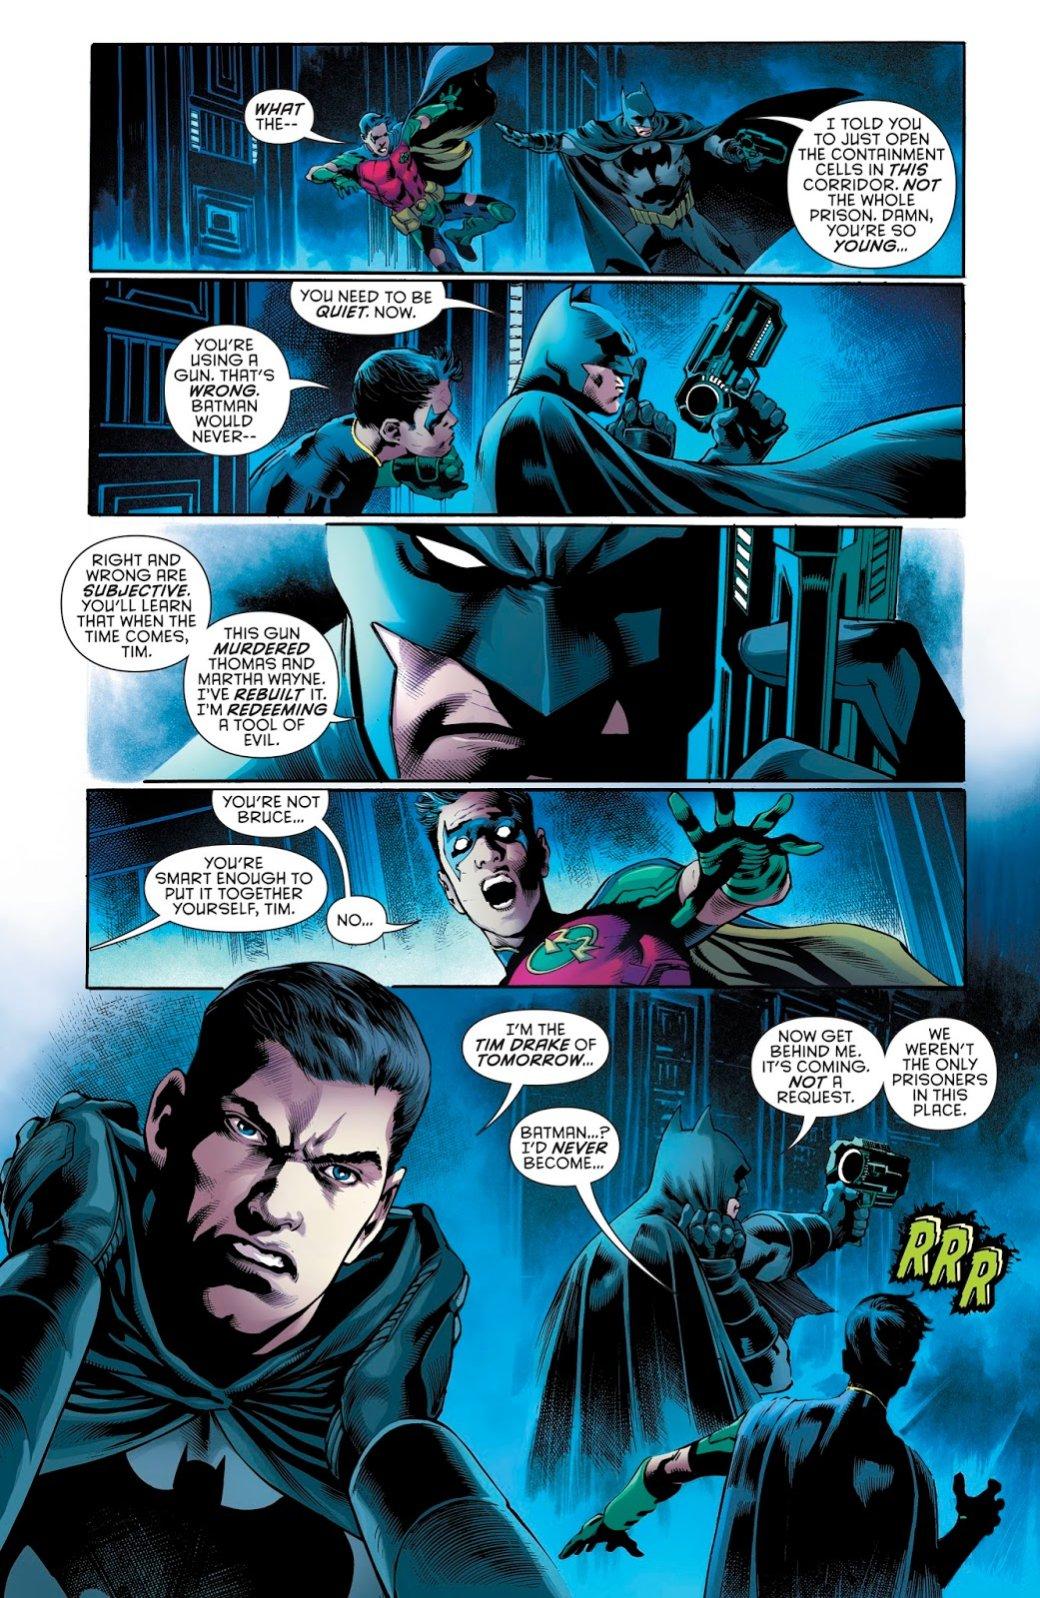 Бэтмен будущего, данетот: как два Тима Дрейка встретились настраницах комикса DC. - Изображение 7